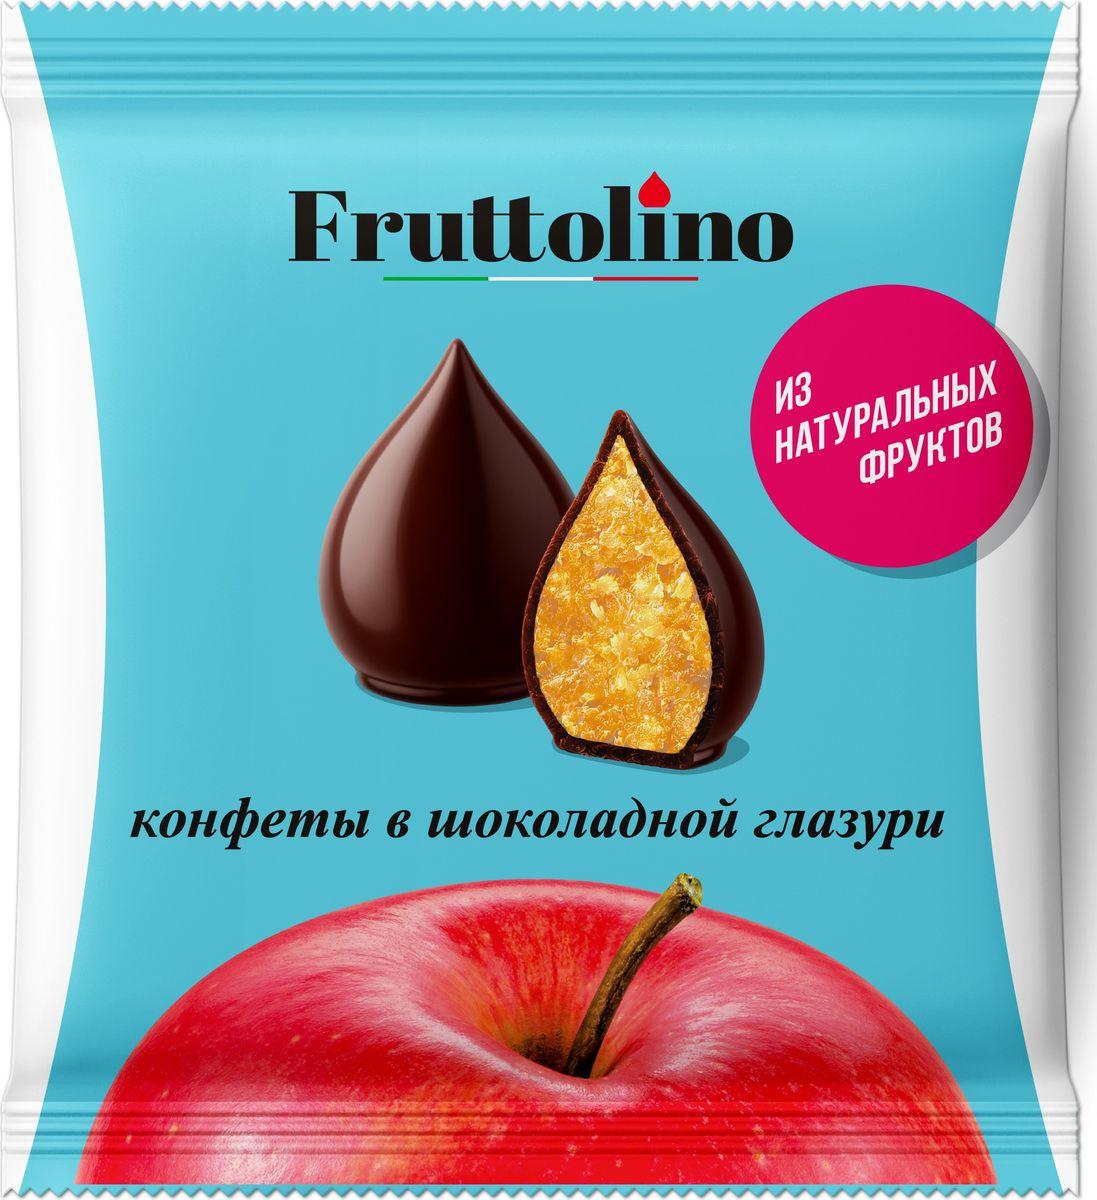 Fruttolino Яблоко конфеты, 140 г16.7385Сочные и душистые фрукты – основной ингредиент конфет Fruttolino, приготовленных из натуральных фруктов и покрытых превосходной шоколадной глазурью, созданной из отборных африканских какао-бобов.Конфеты Fruttolino прекрасно заменят привычные